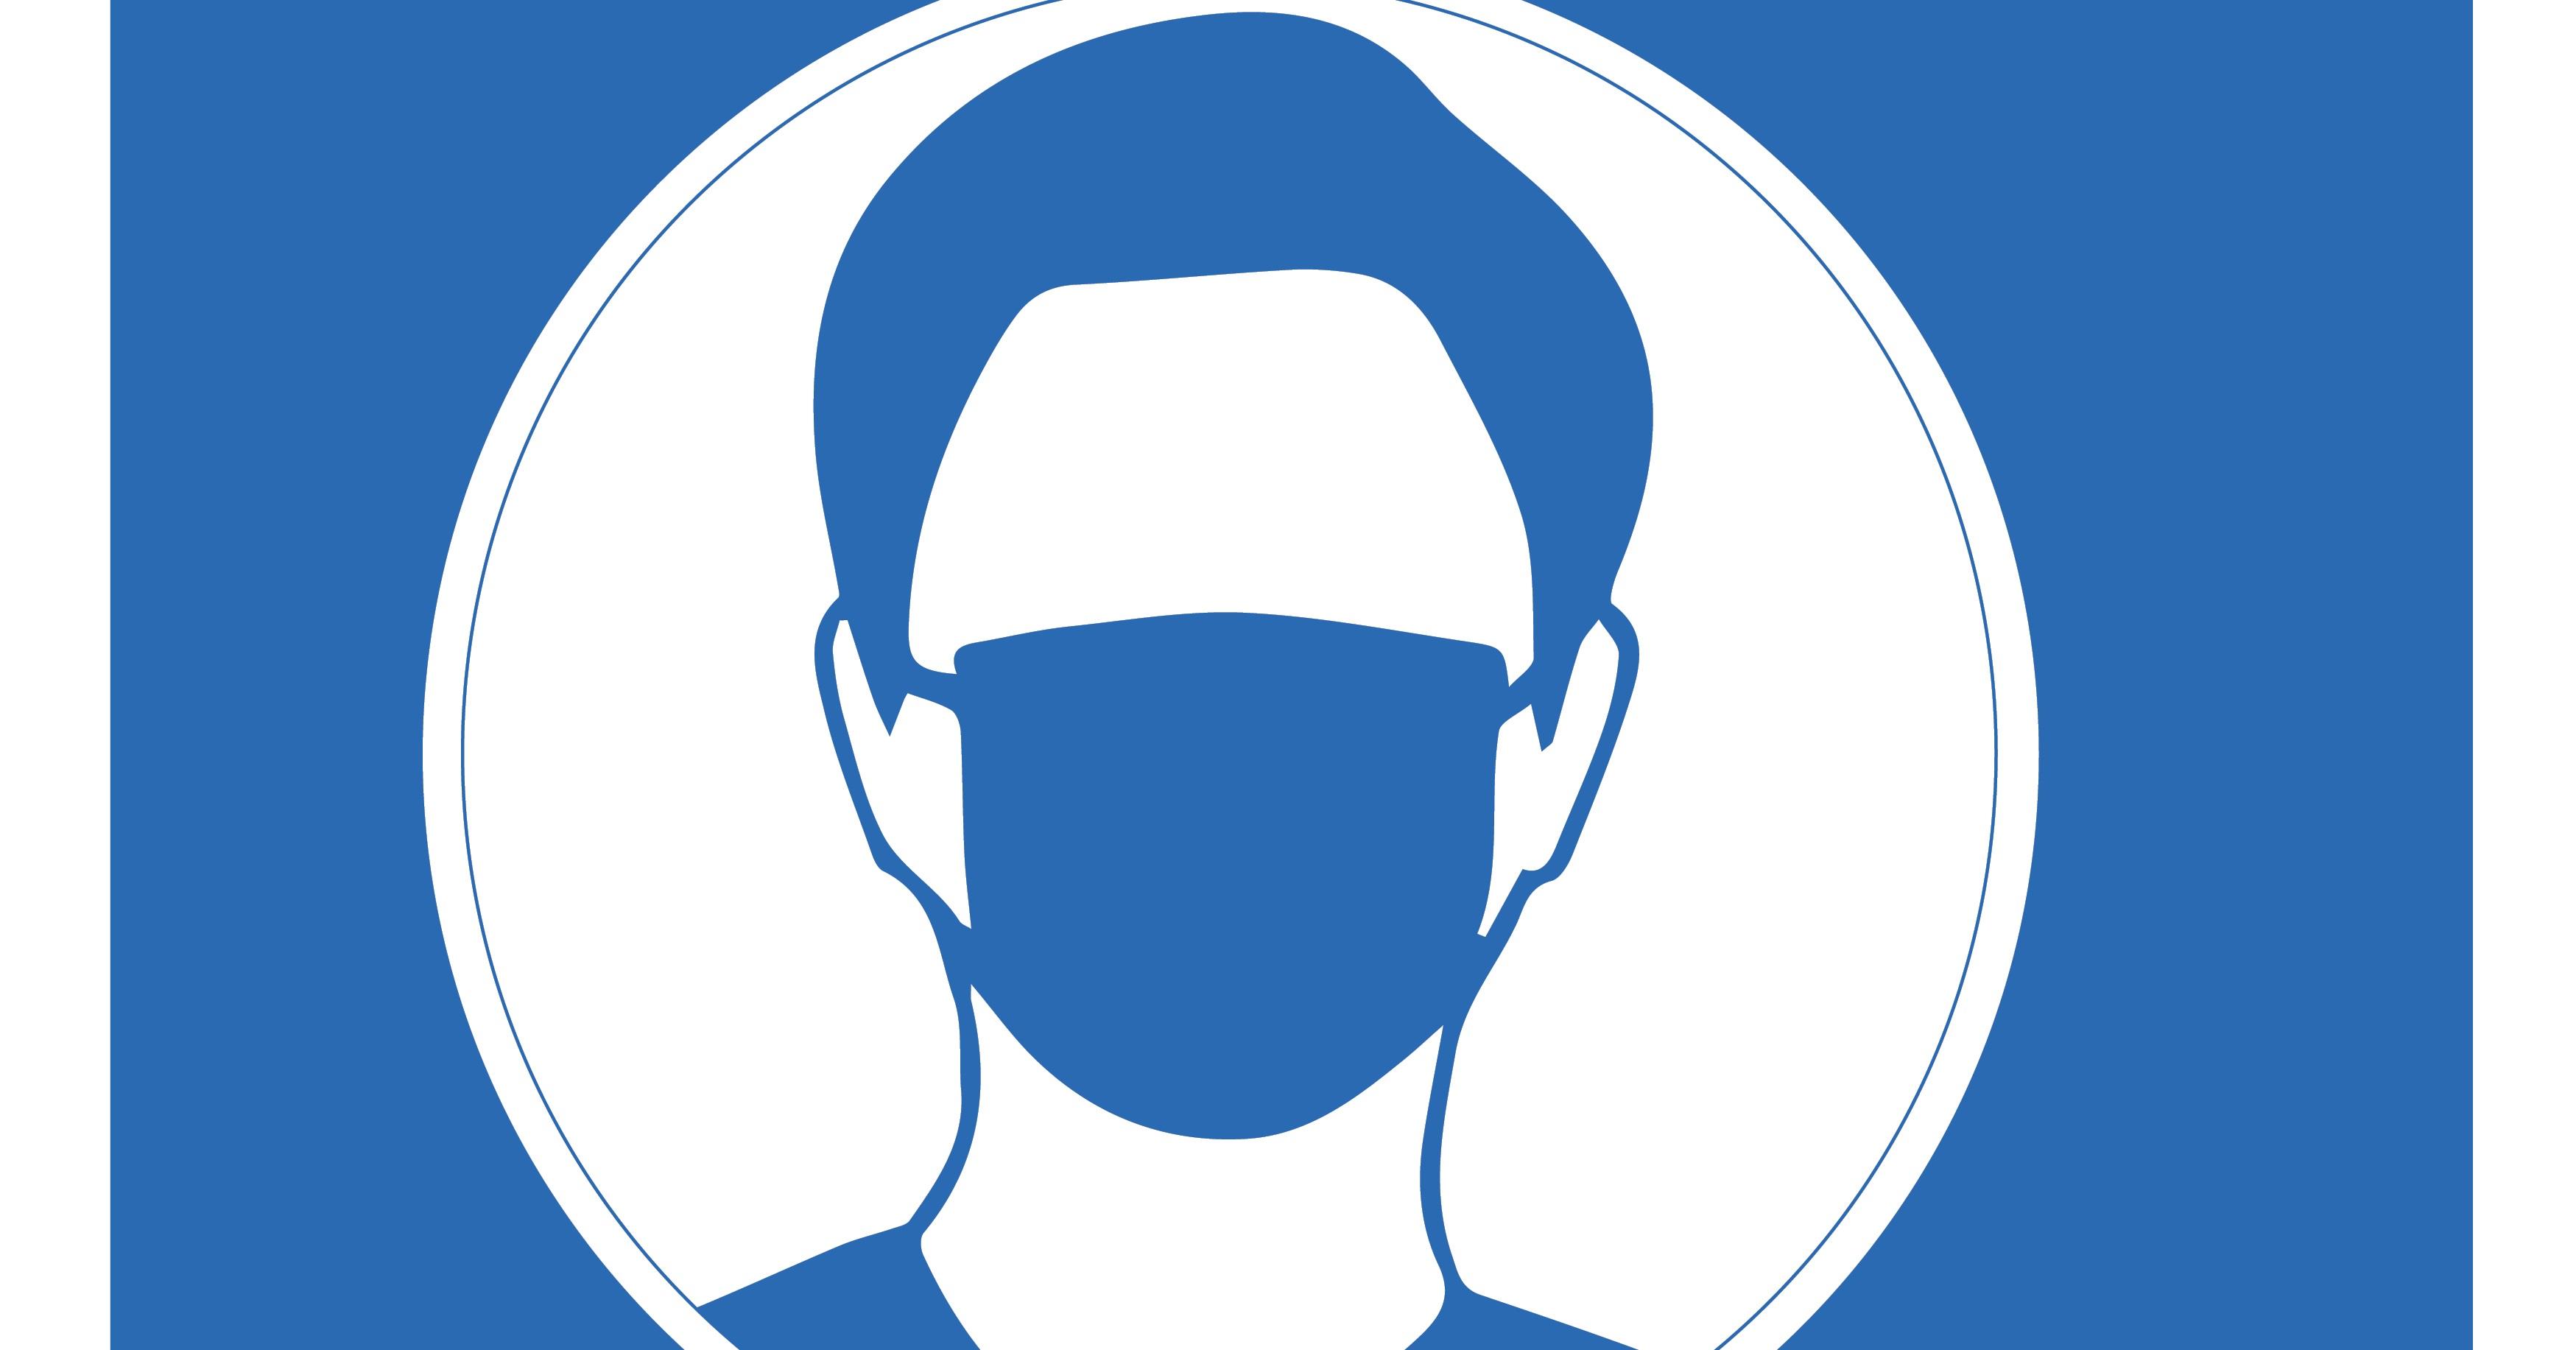 Port du masque obligatoire et respect des mesures barrières